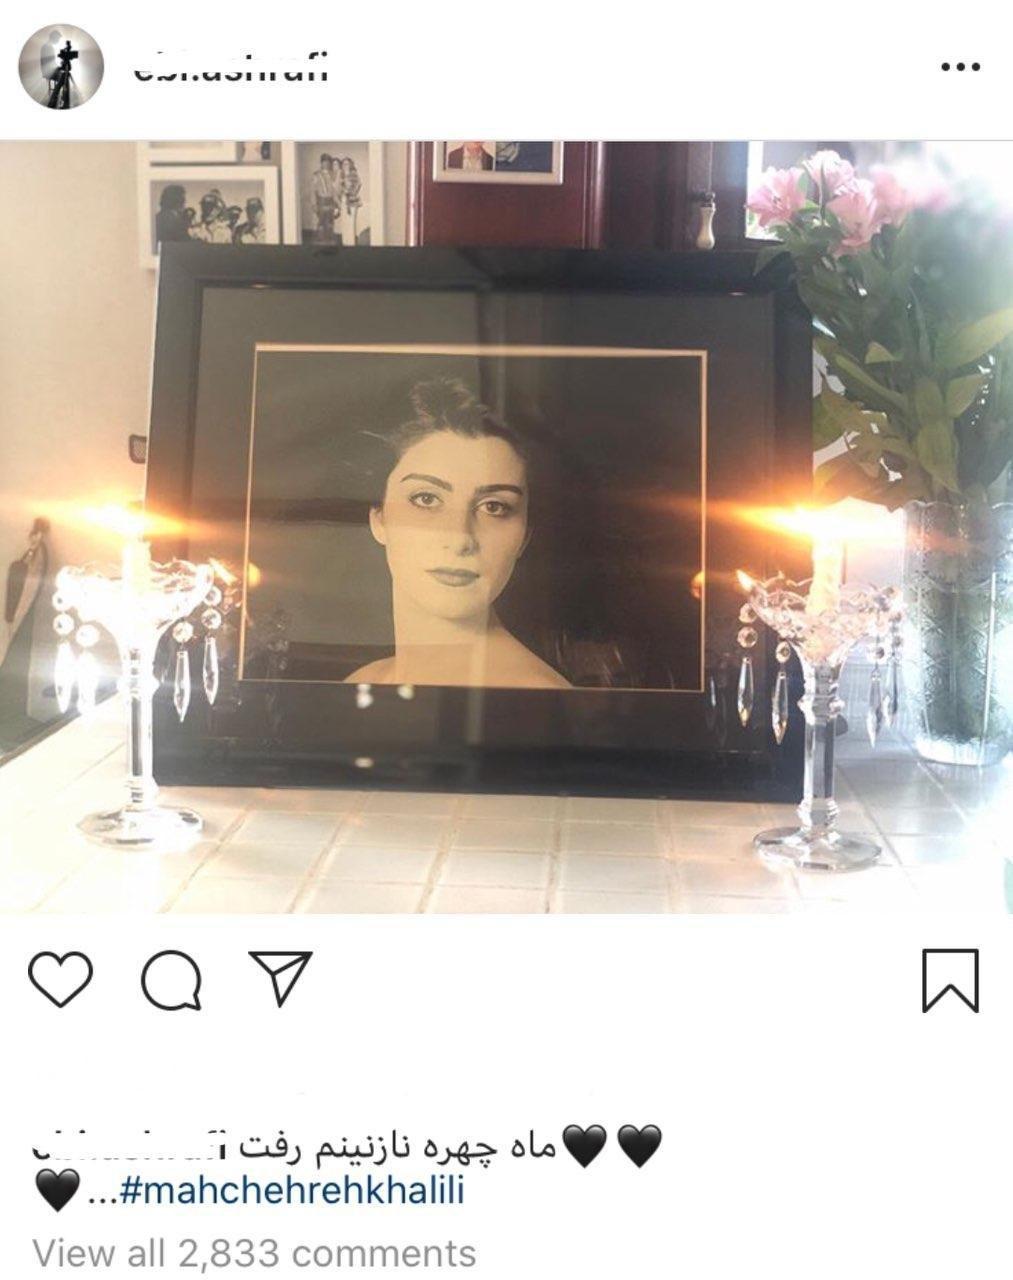 واکنش شوهر ماه چهره خلیلی پس از درگذشت همسرش + پست اینستاگرام